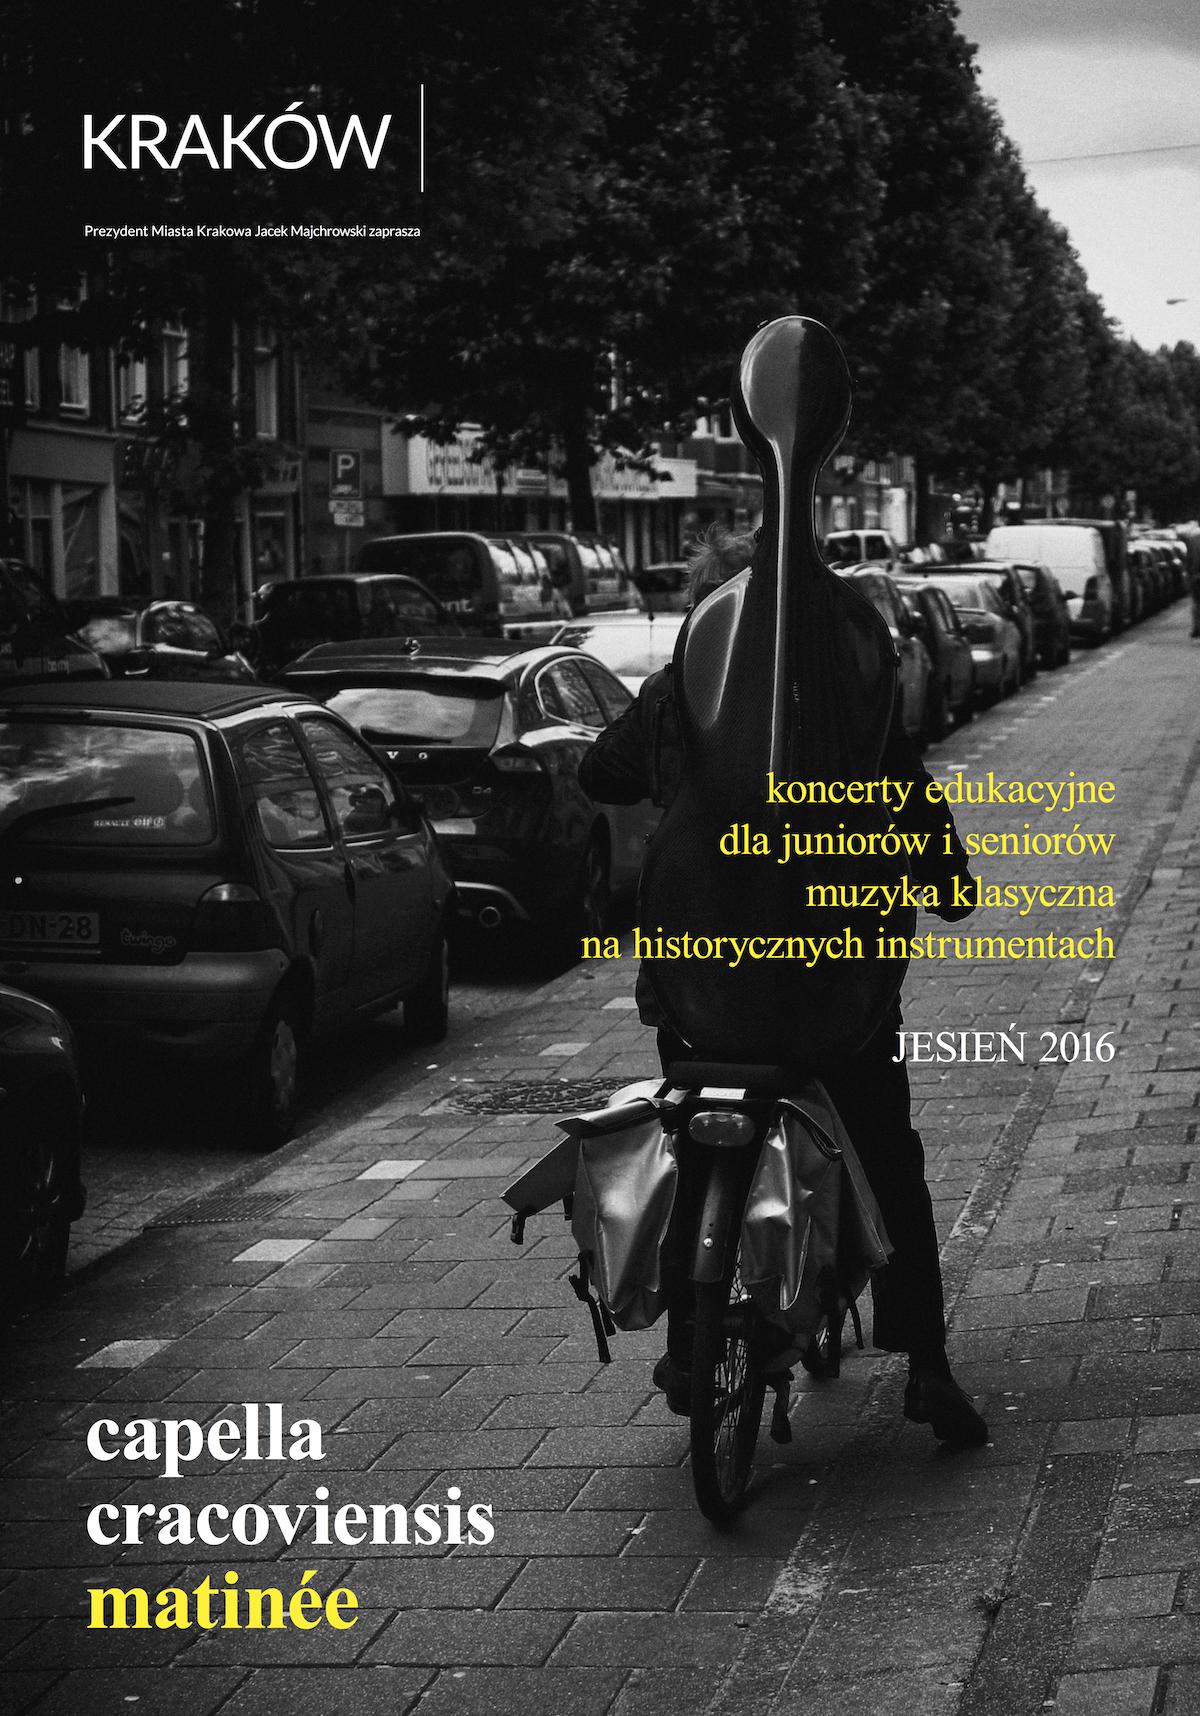 Capella Cracoviensis matinée – plakat (źródło: materiały prasowe organizatora)